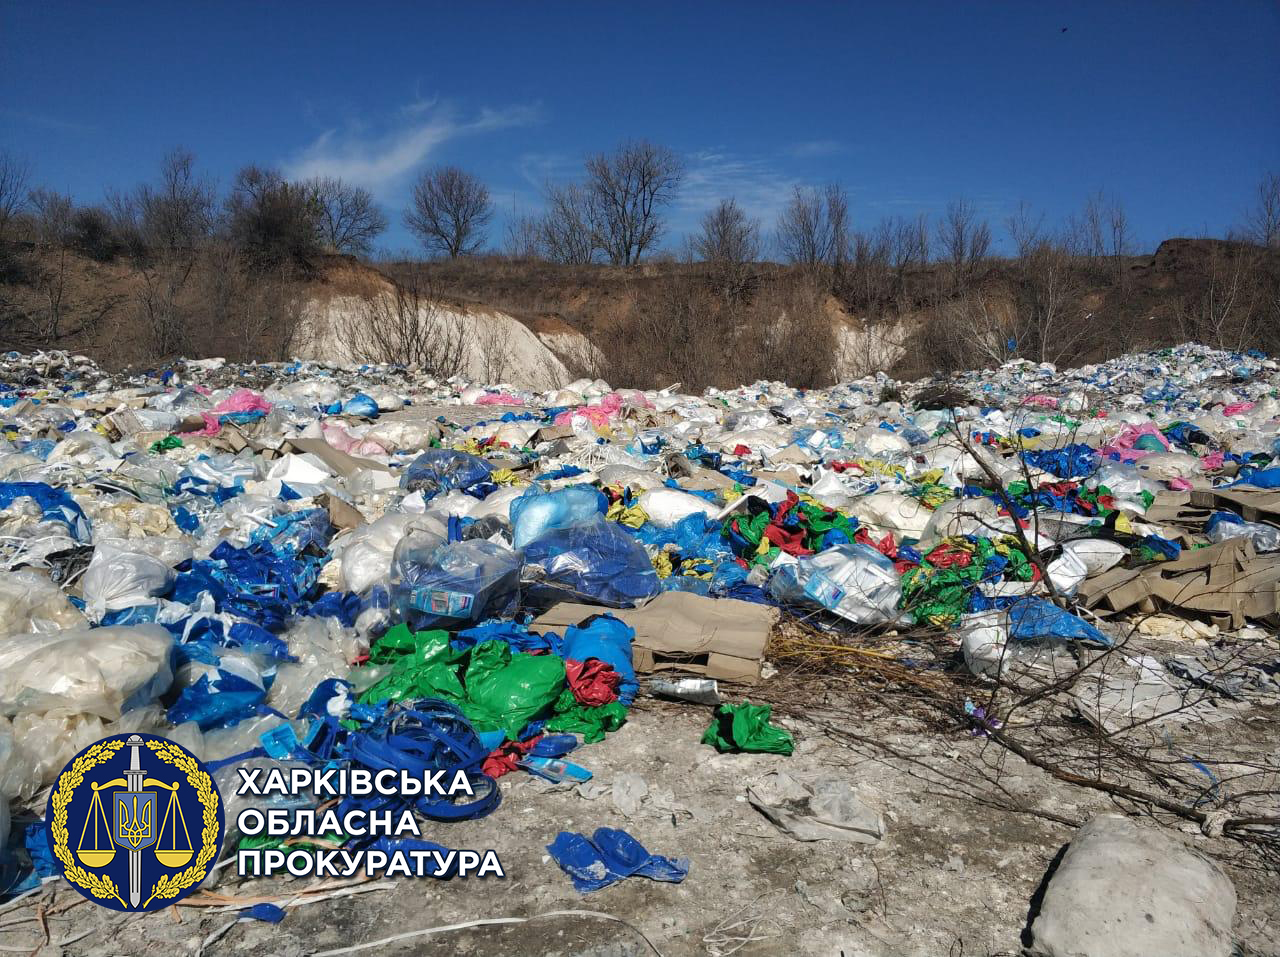 В Харьковской области на полигон твердых бытовых отходов сбрасывали химические вещества (фото)